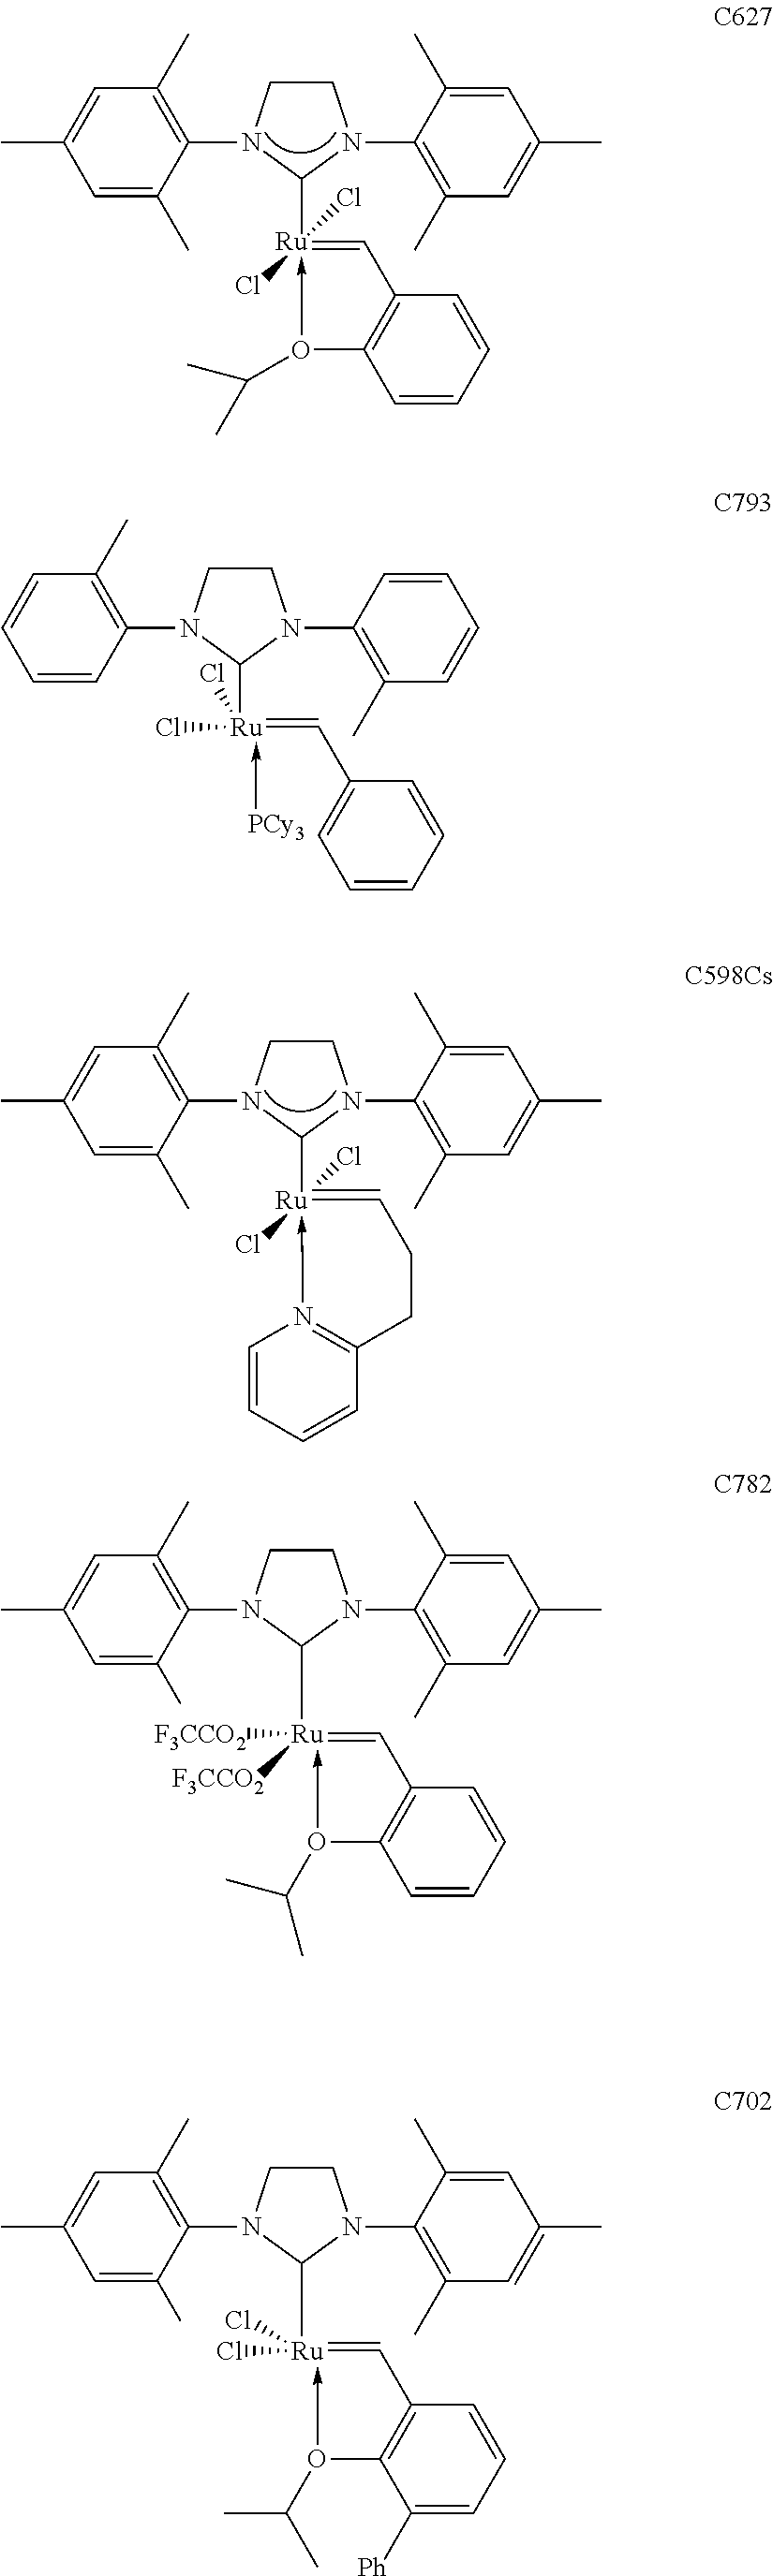 Figure US09012385-20150421-C00047